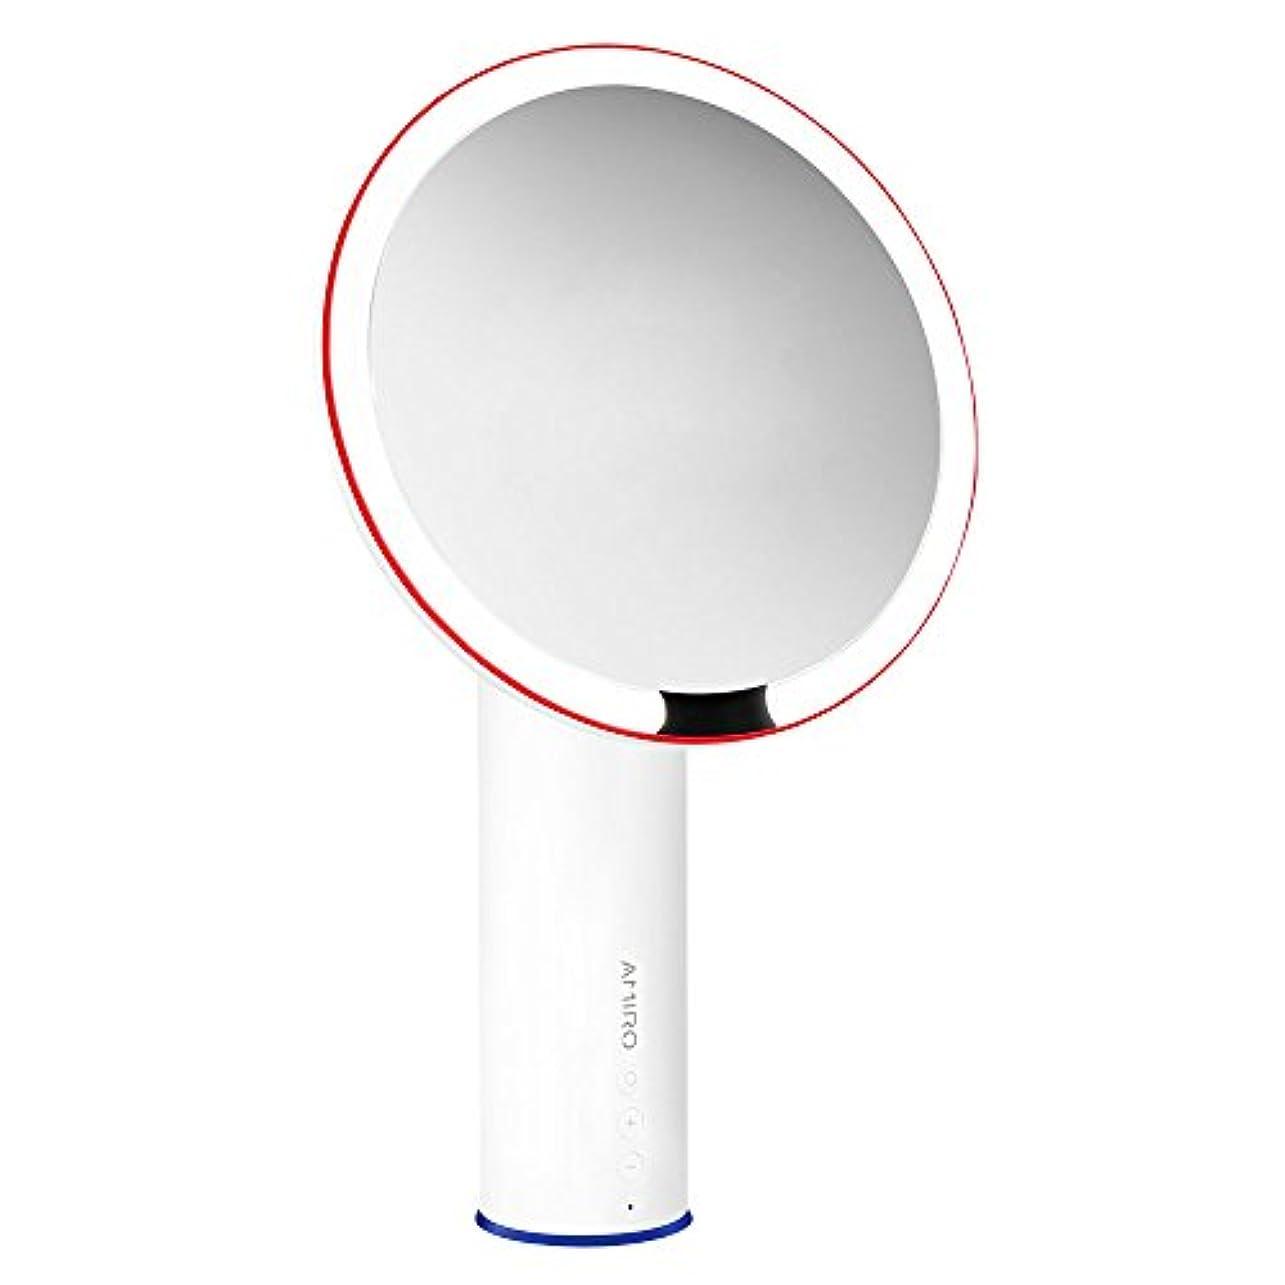 落ちた反乱支店AMIRO LED化粧鏡 人感センサー付き 化粧ミラー LEDライト付き 卓上鏡 女優ミラー 3段階明るさ調節可能